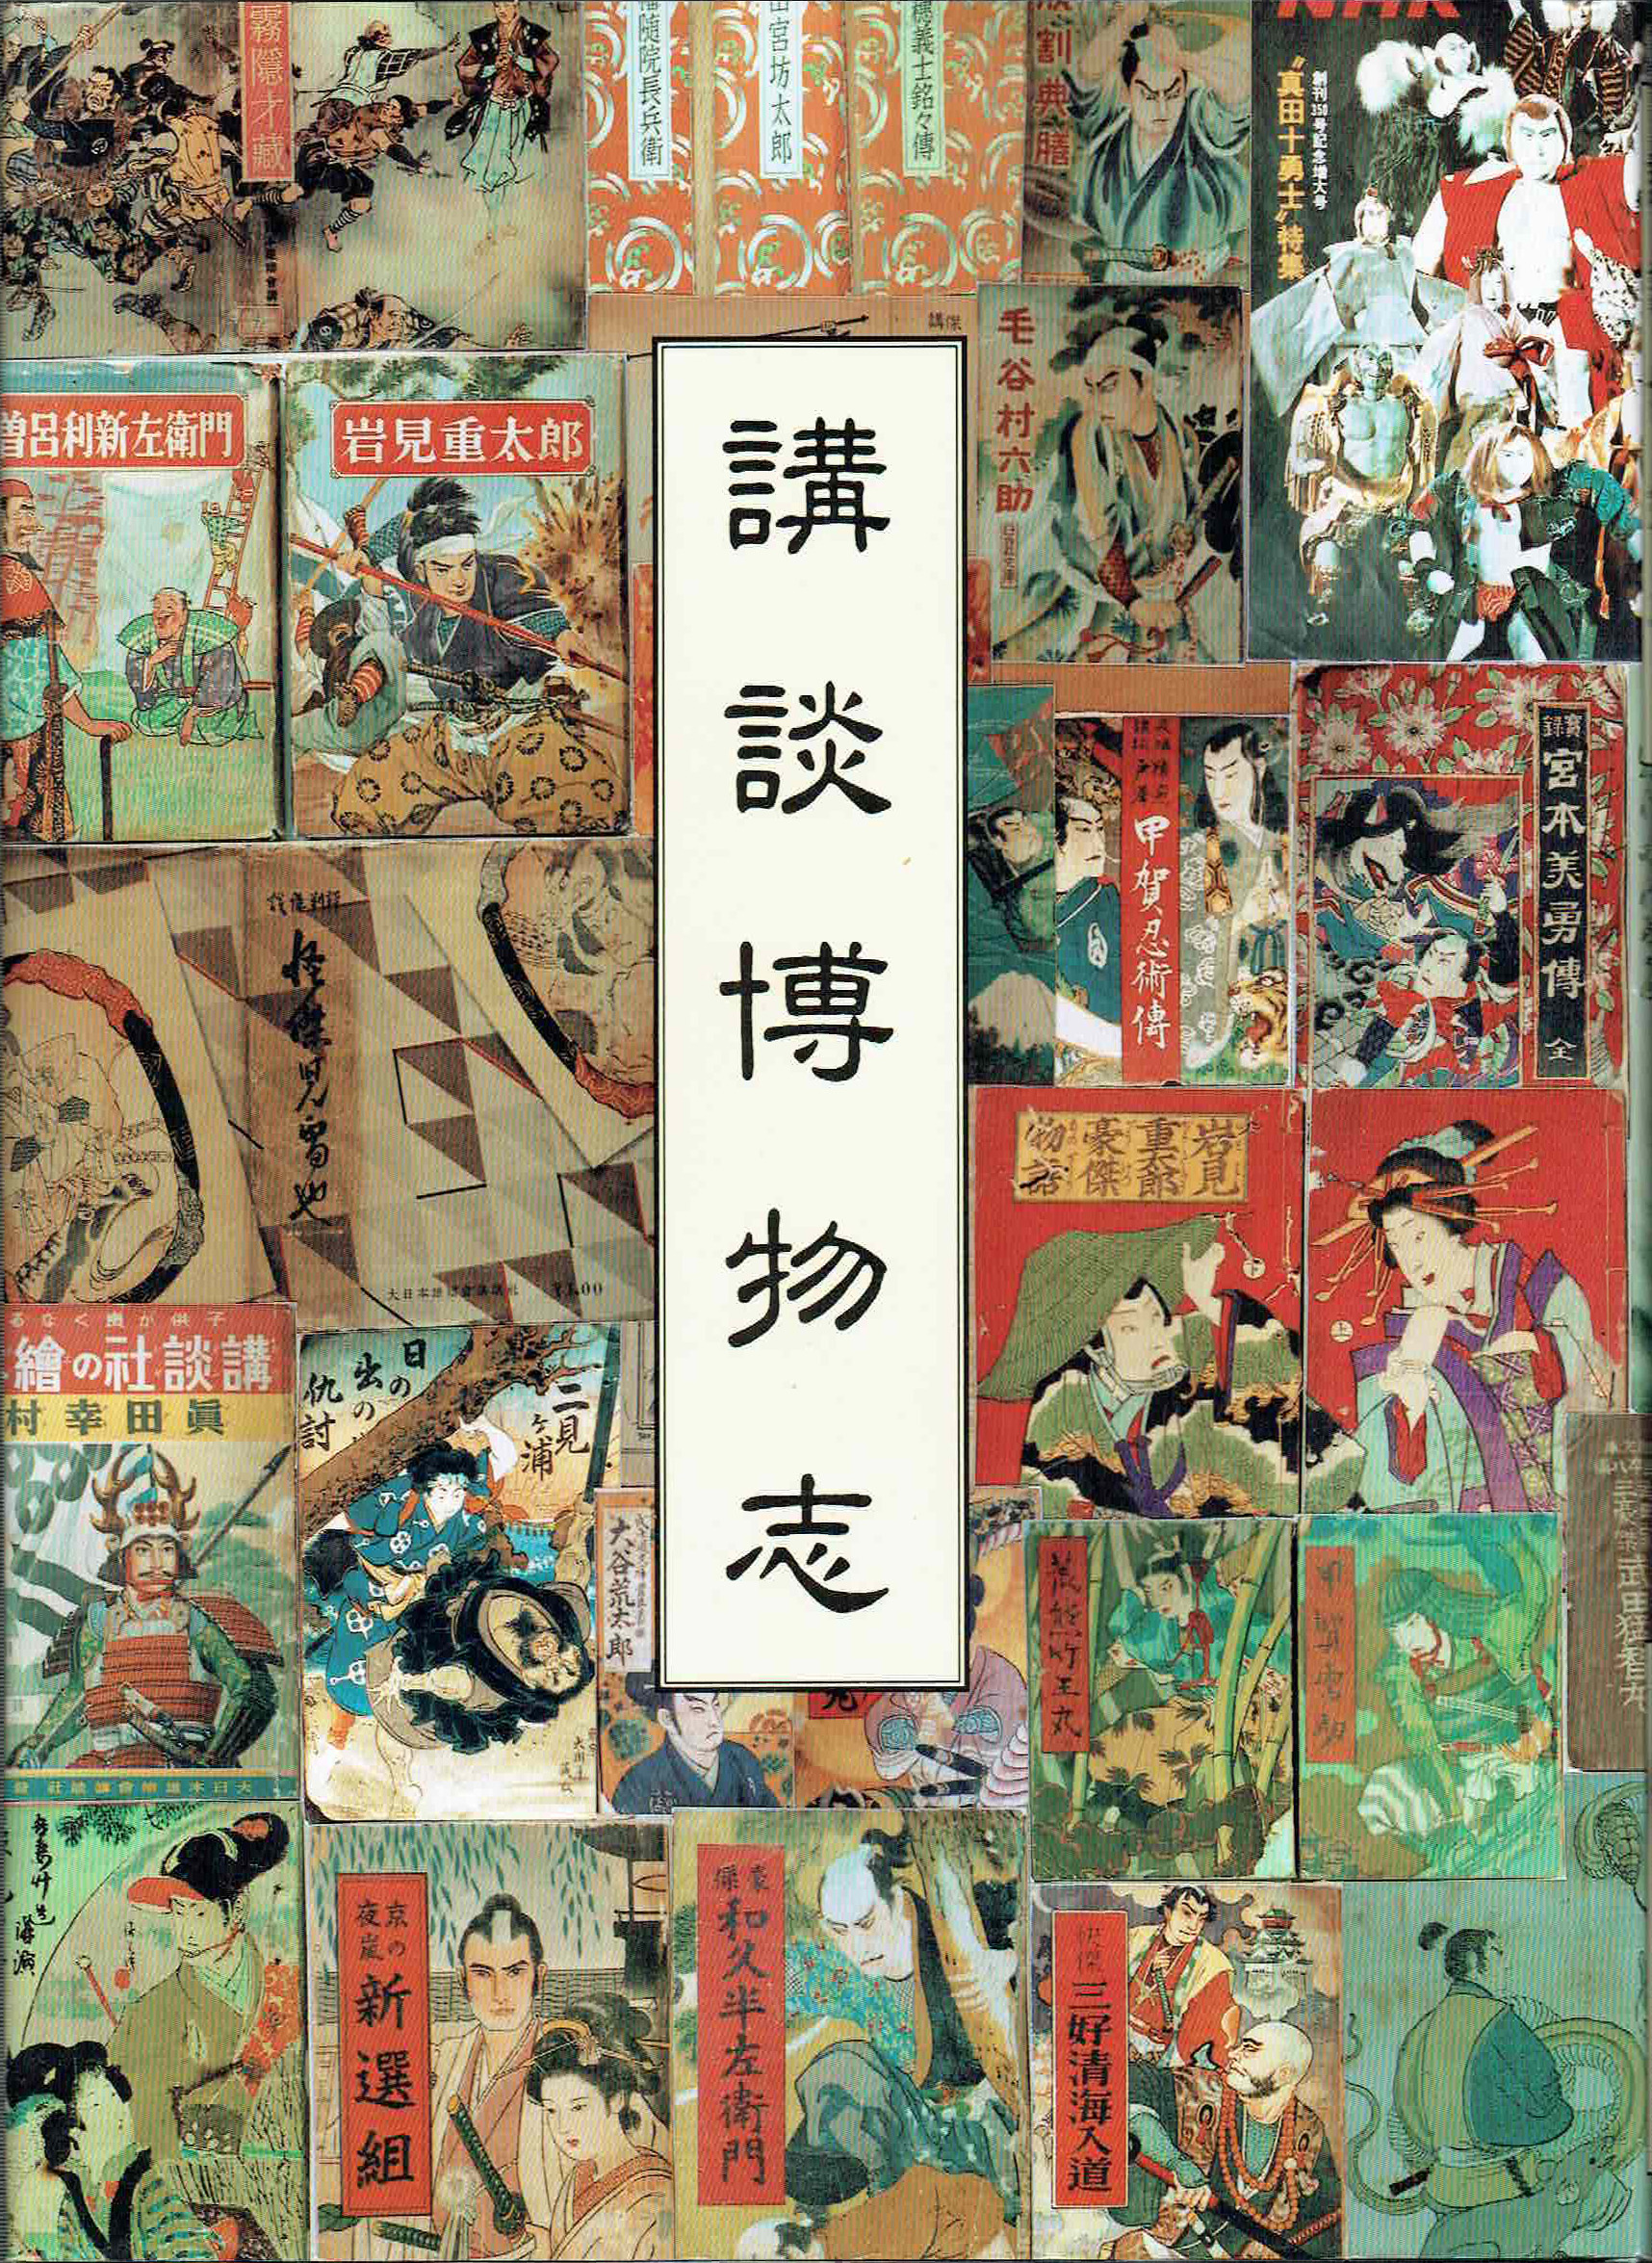 日本芸能専門書の古本買取なら黒崎書店